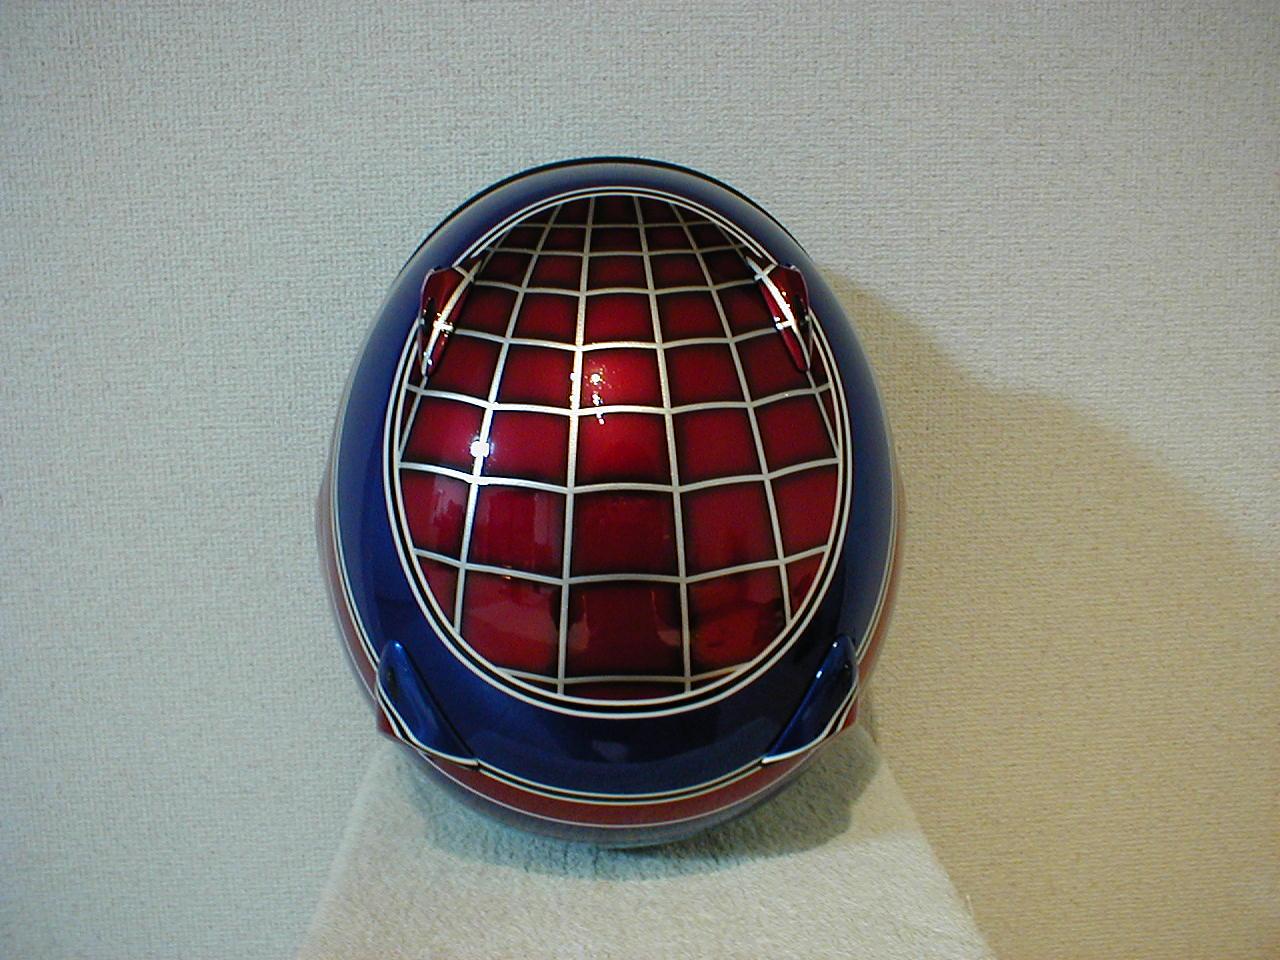 世界で1つだけのデザインヘルメットオリジナルカラーリング『スパイダーマン仕様』